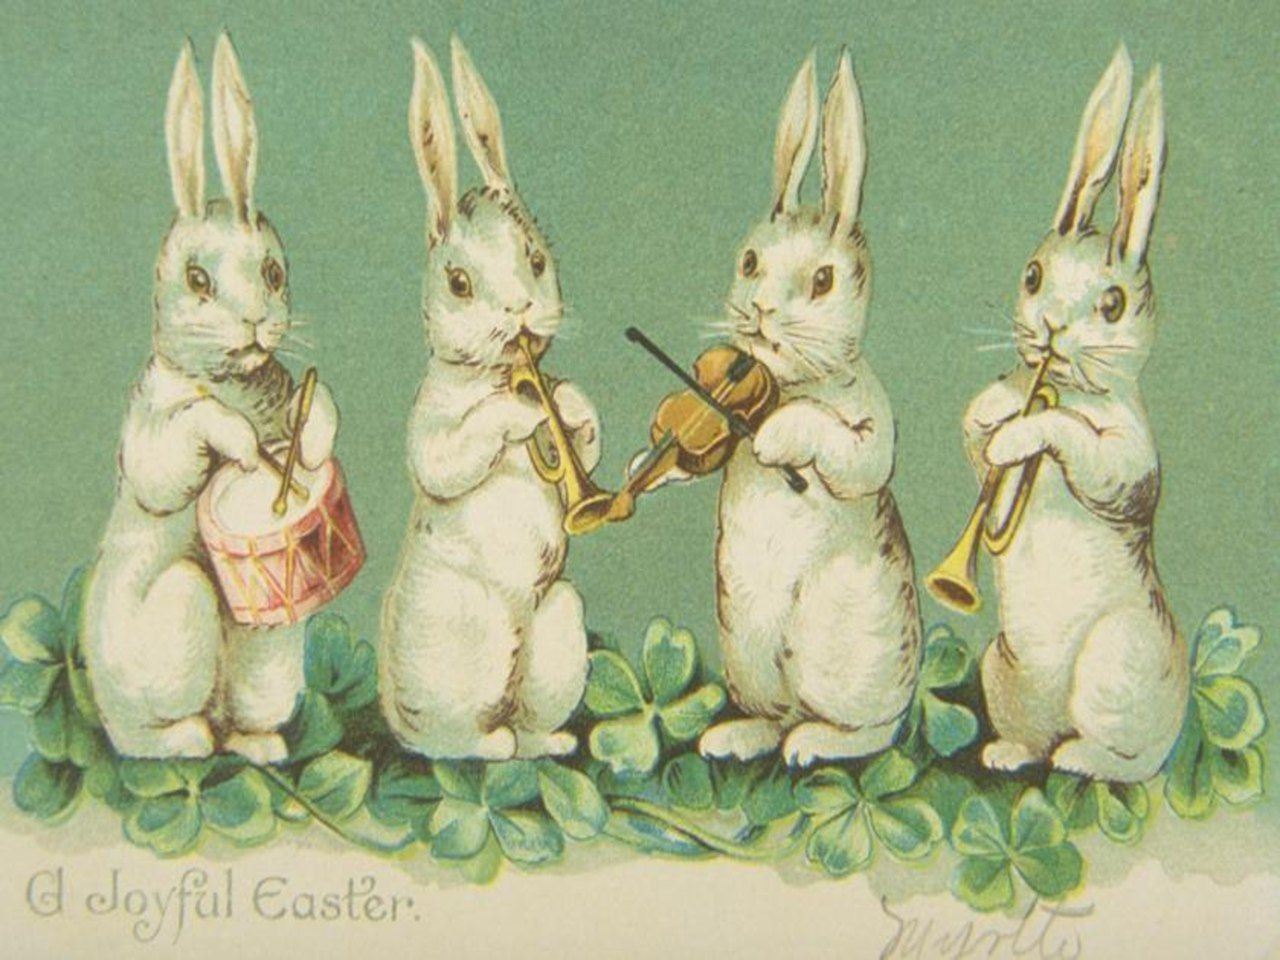 Старинные пасхальные открытки с кроликами, картинки фразами про